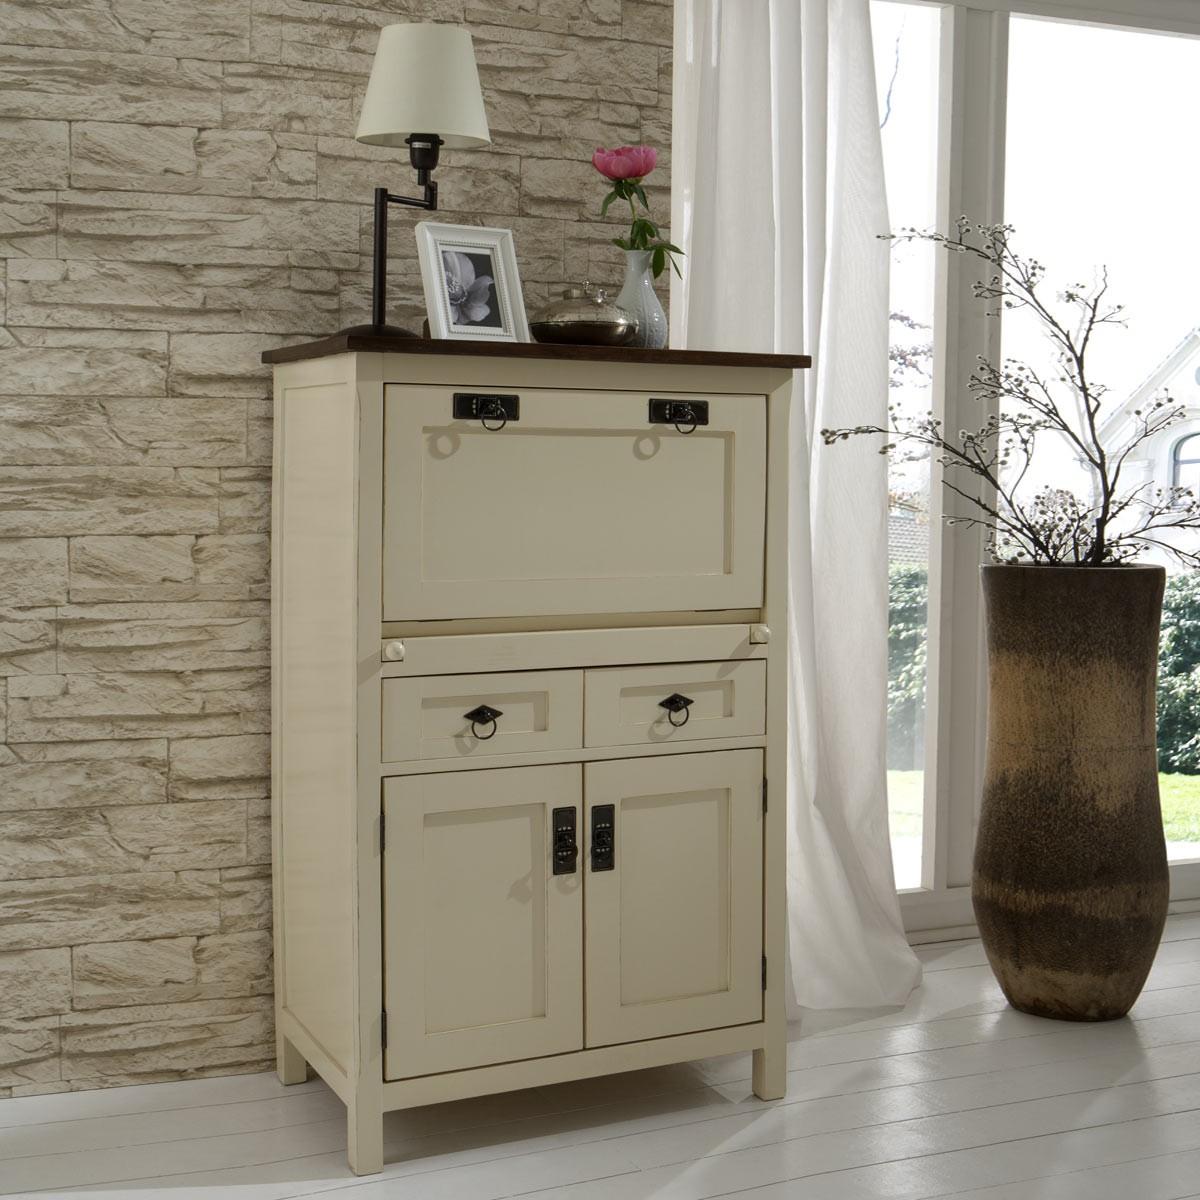 sekretaer creme. Black Bedroom Furniture Sets. Home Design Ideas